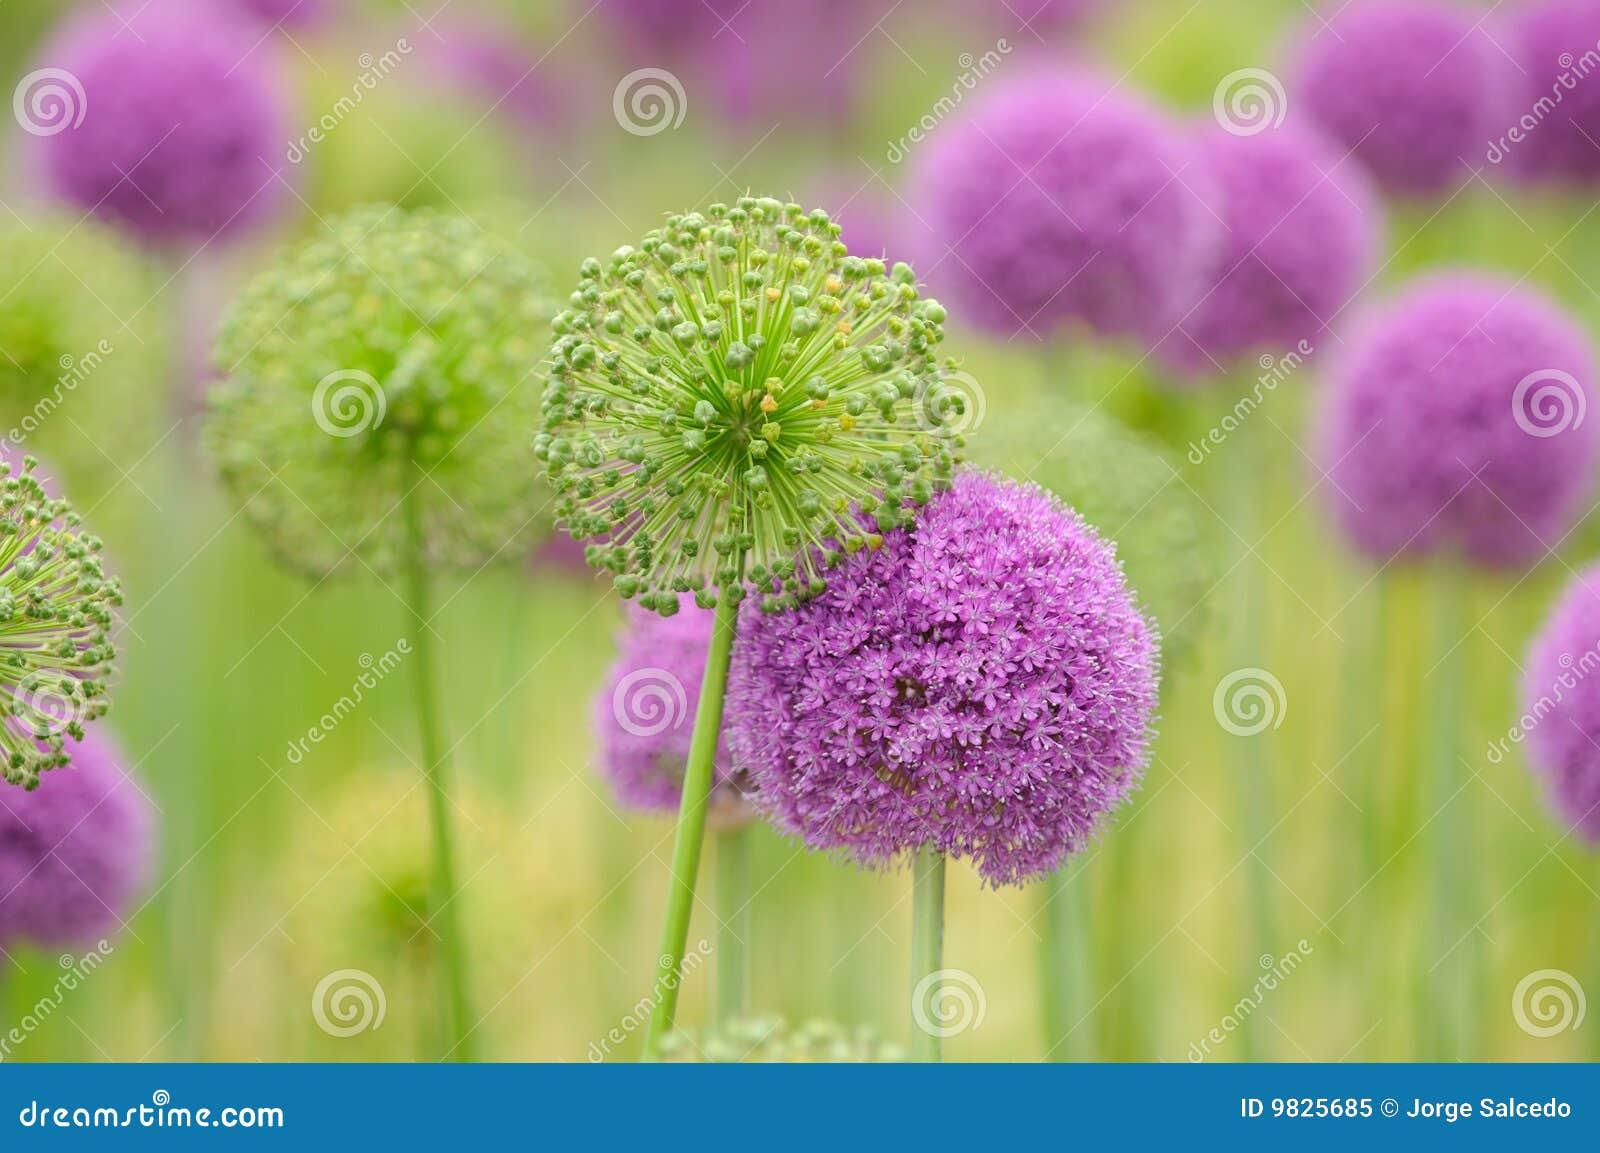 Allium Flower Background